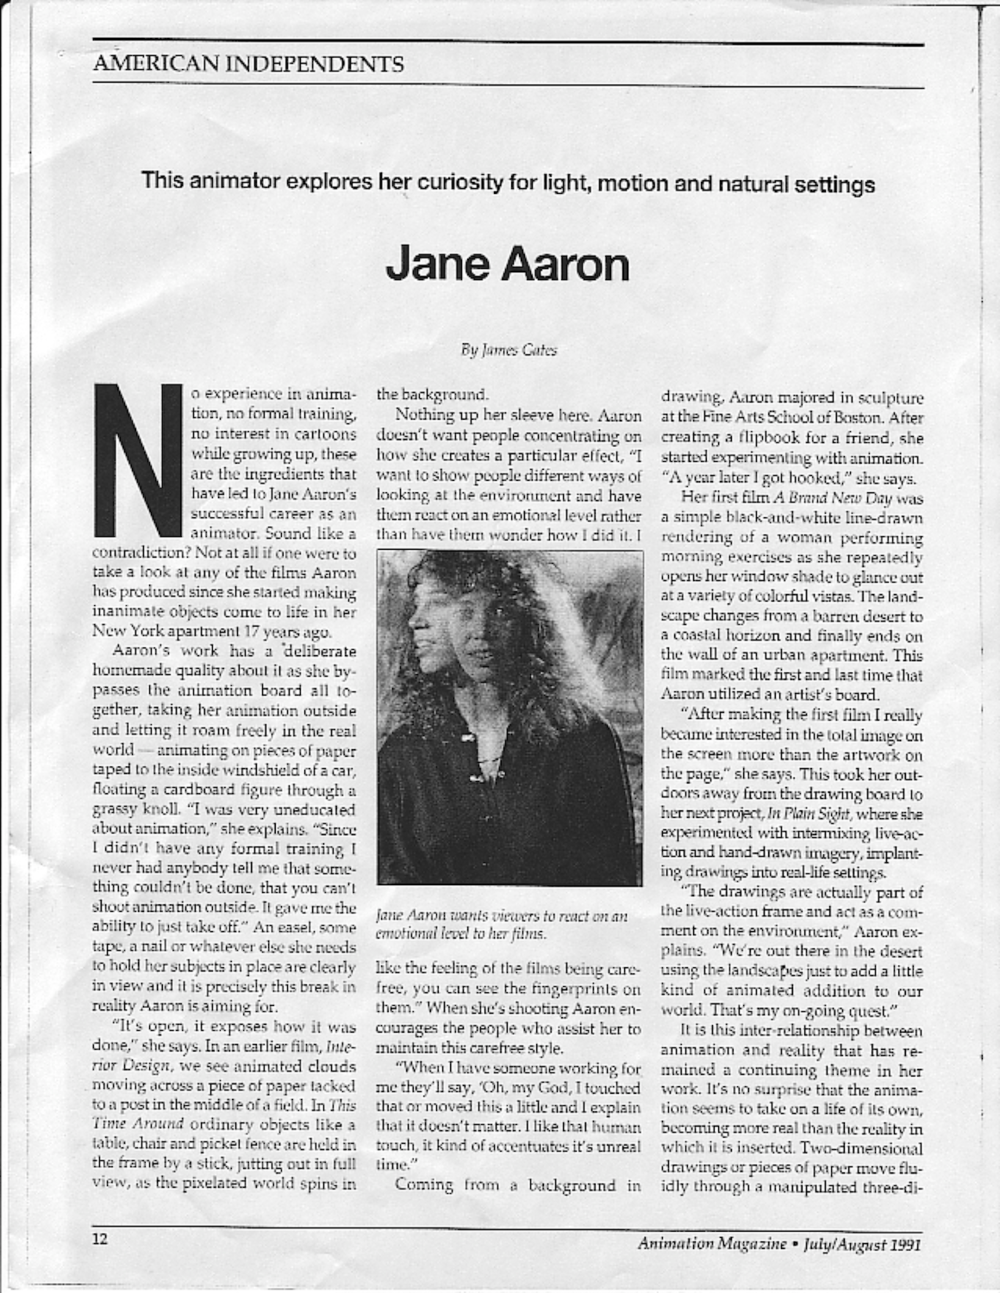 James Gates, Animation Magazine, 1991